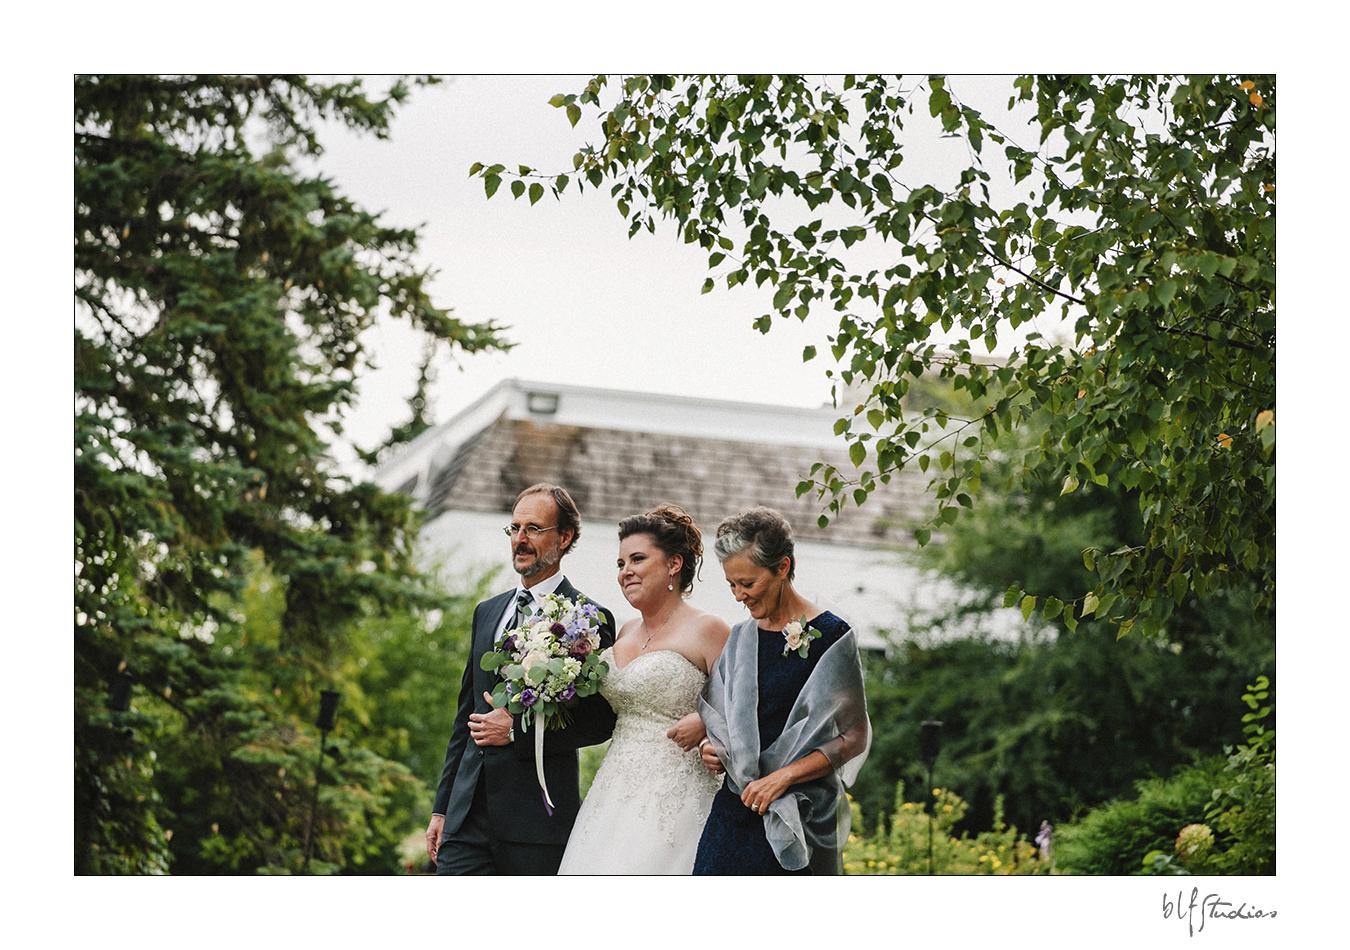 Outdoor wedding ceremony venue in Winnipeg